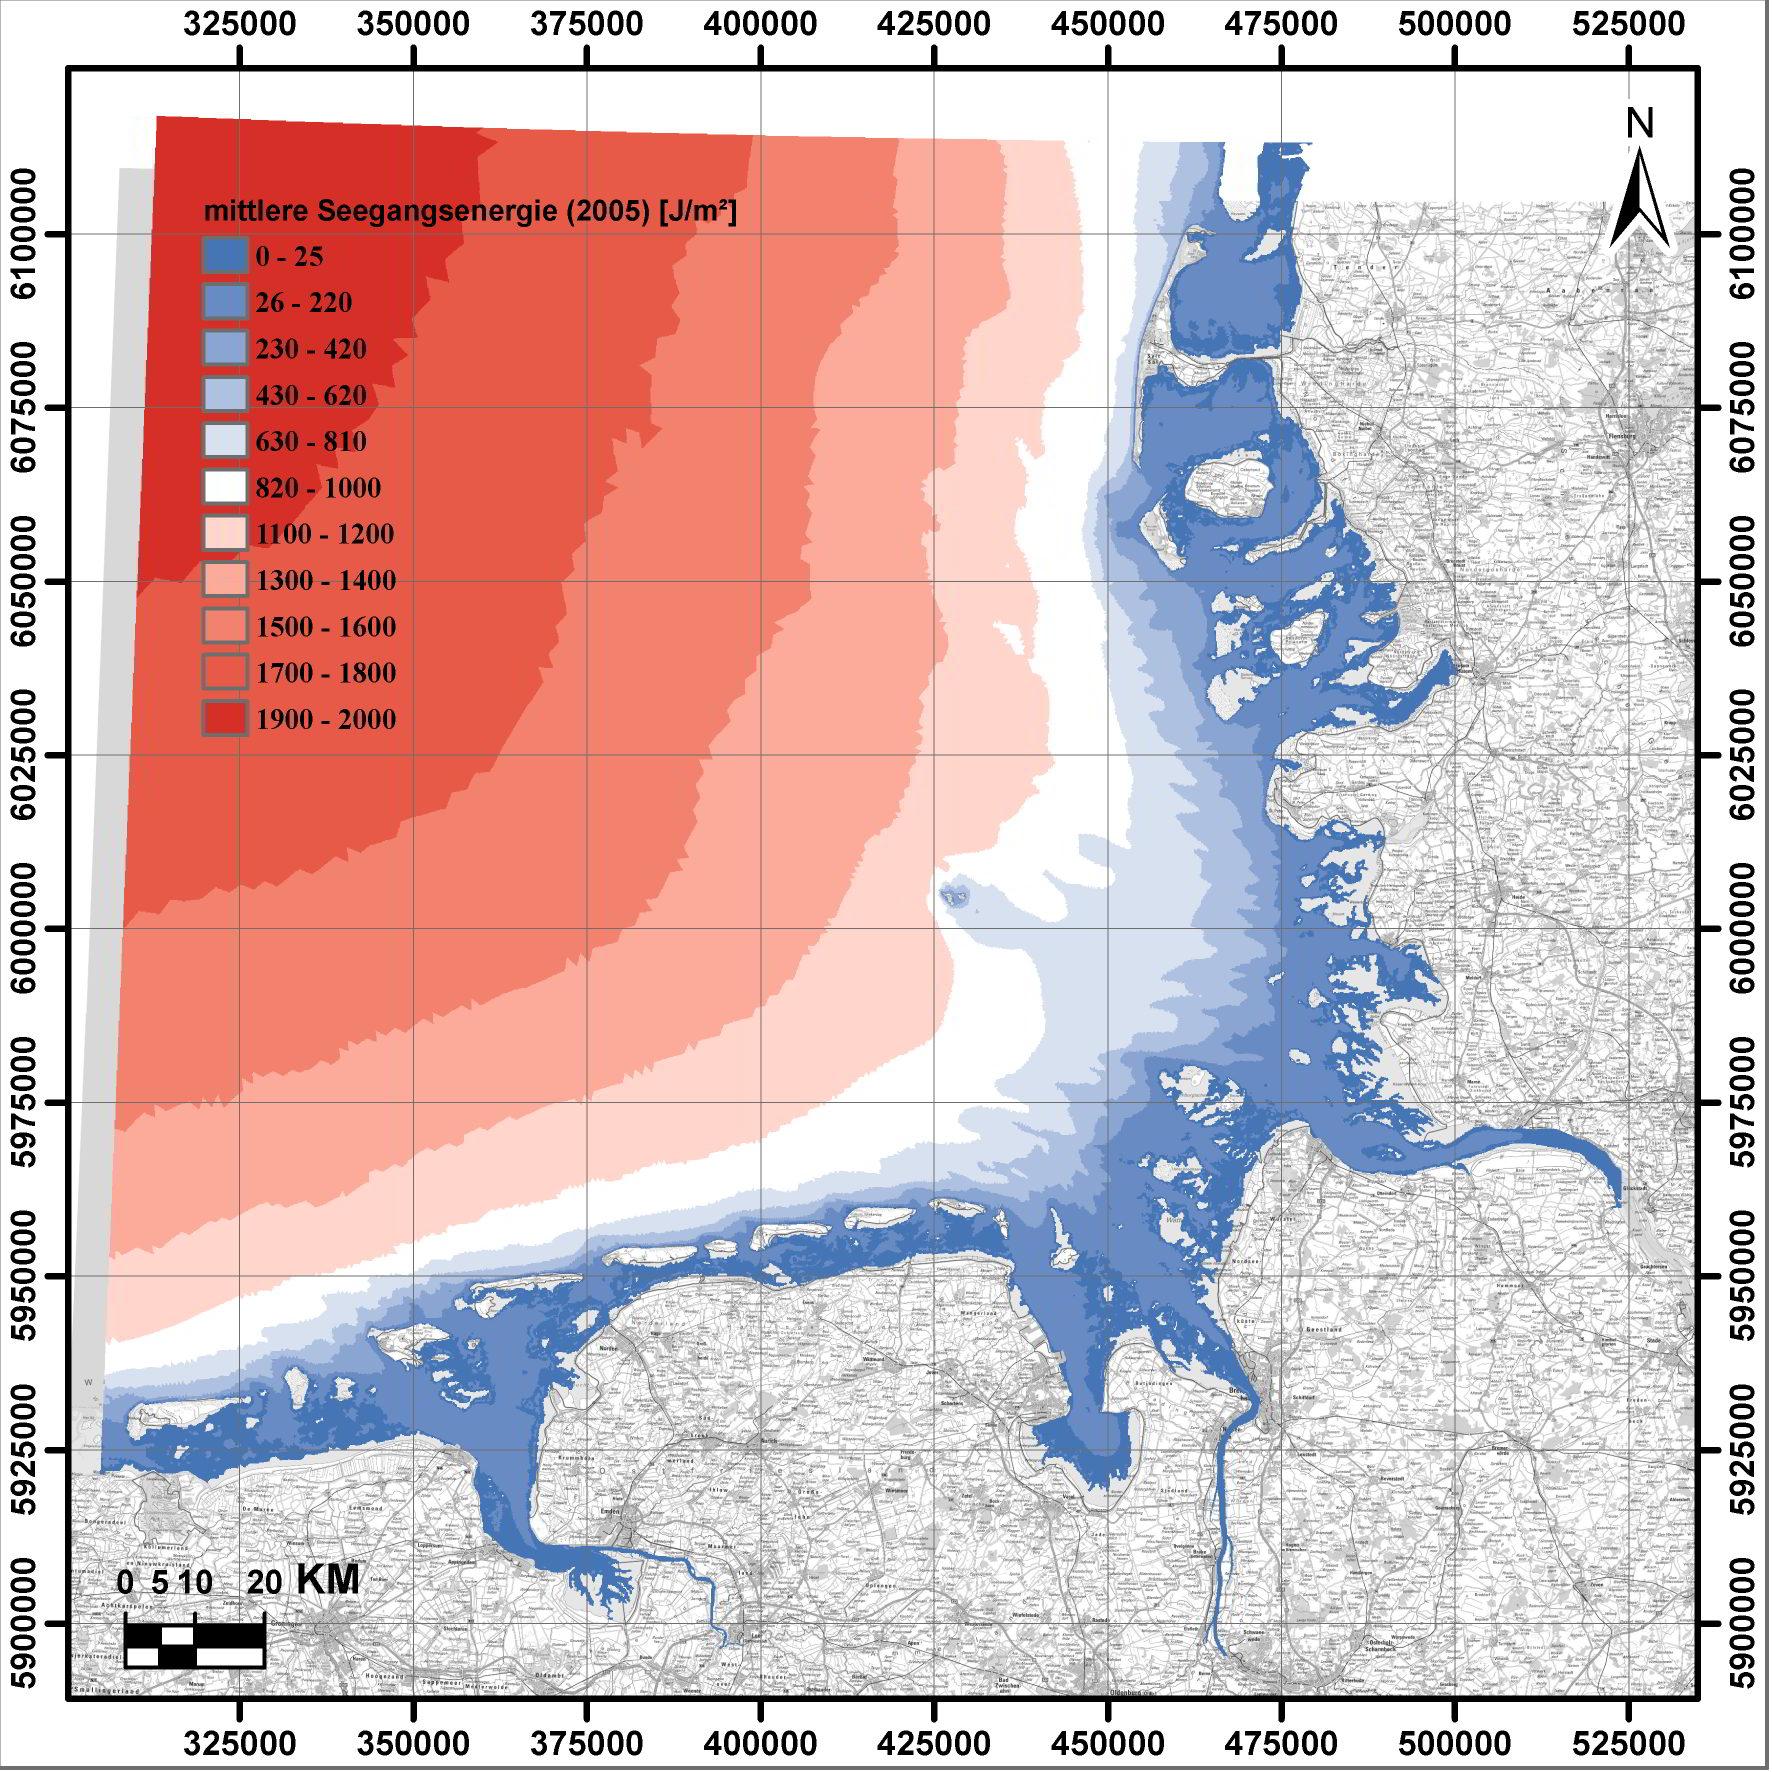 Darstellung der mittleren Seegangsenergie für das Jahr 2005